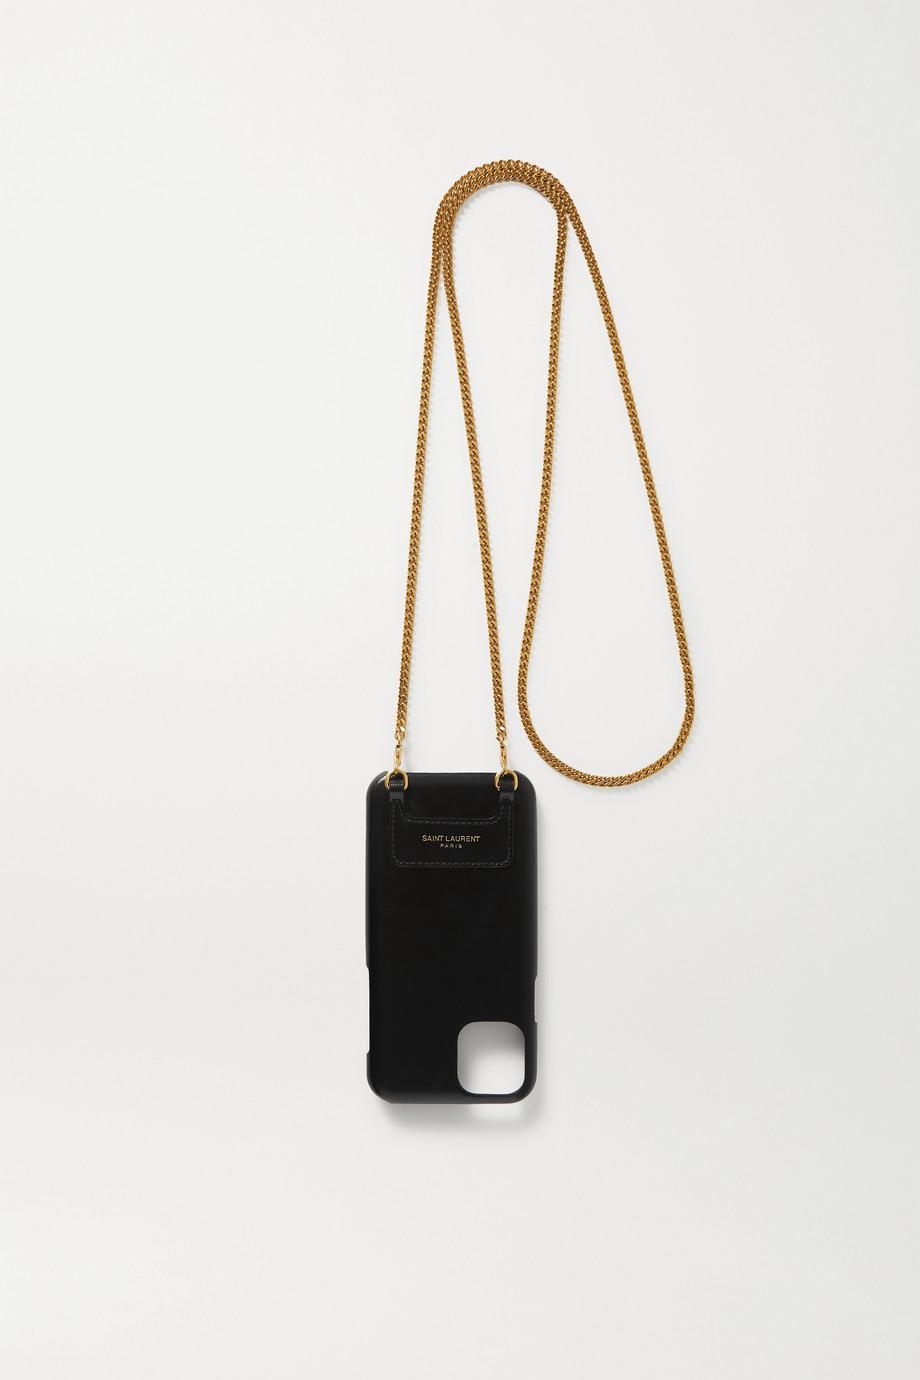 SAINT LAURENT Leather iPhone 11 Pro case